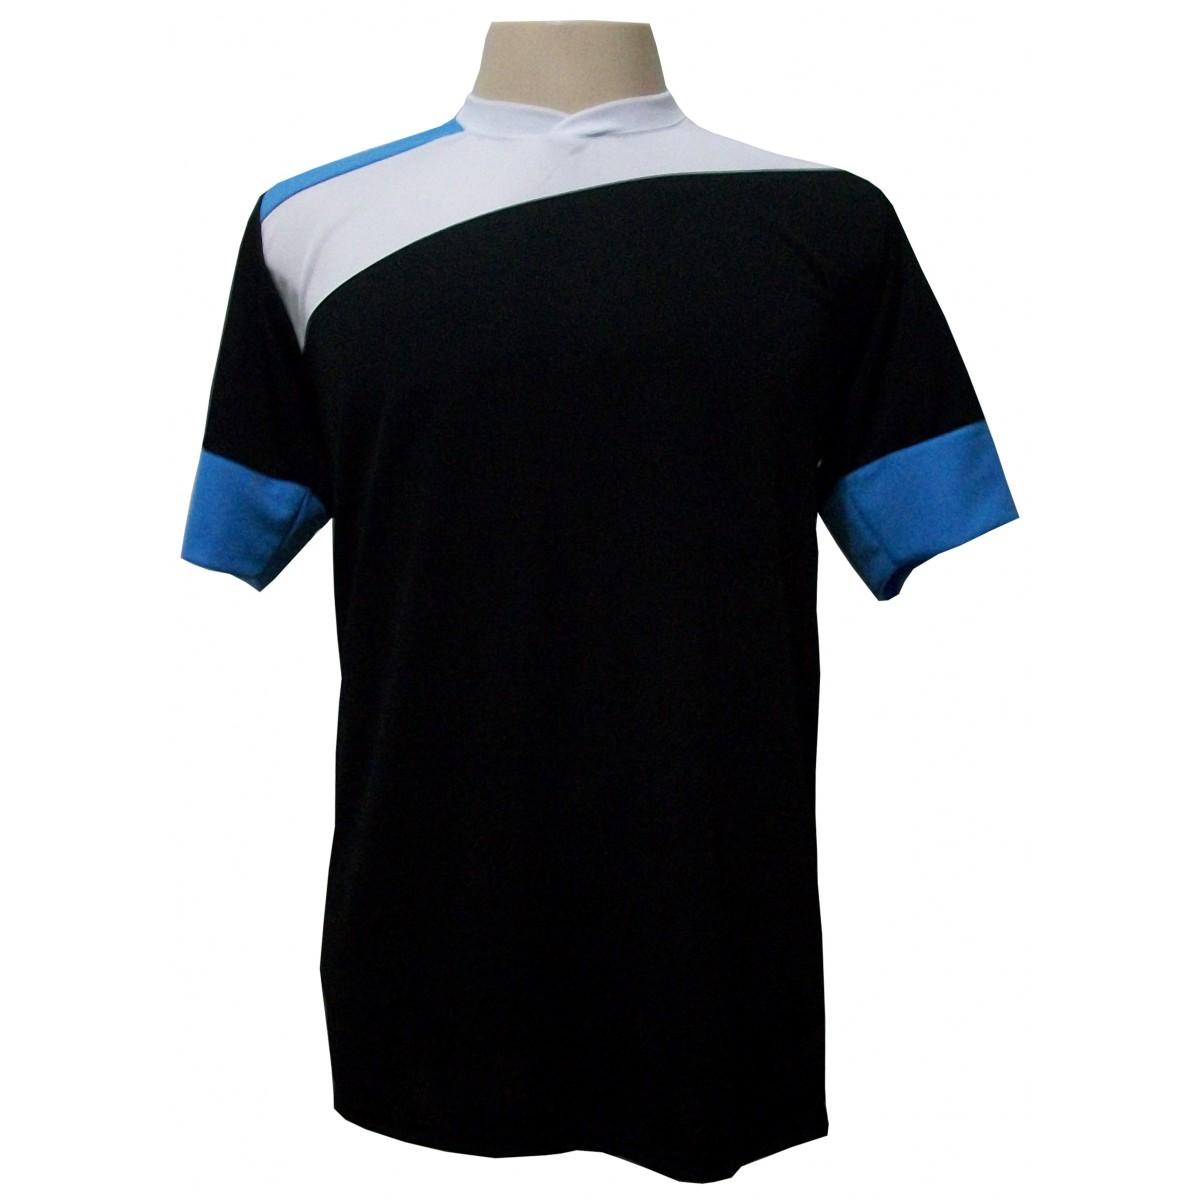 Uniforme Esportivo com 14 camisas modelo Sporting Preto/Branco/Celeste + 14 calções modelo Copa + 1 Goleiro + Brindes